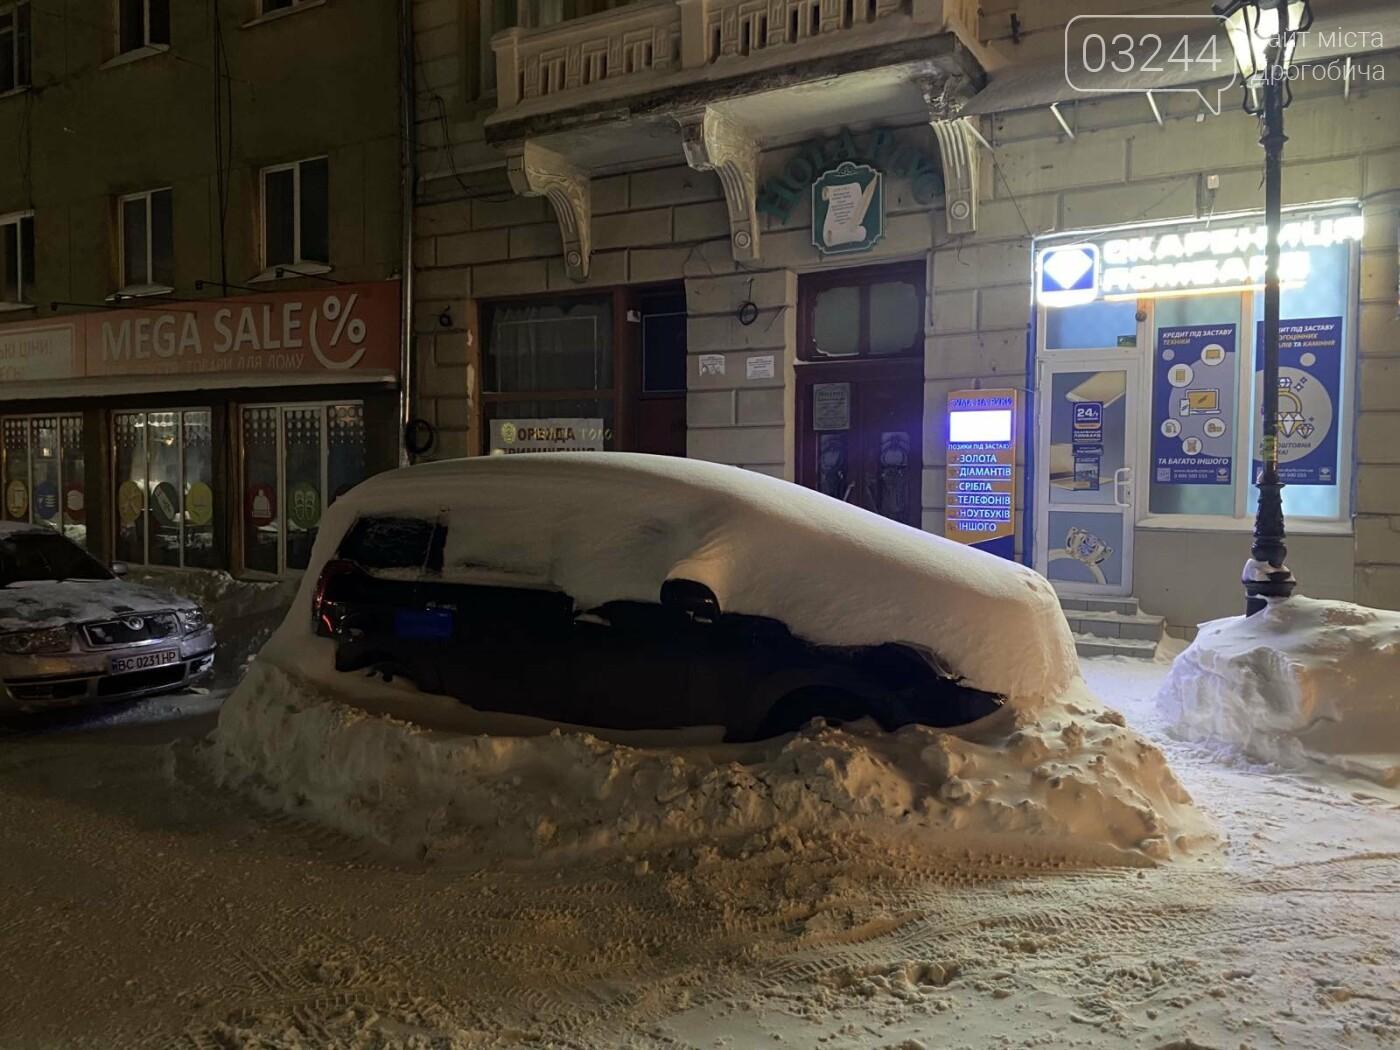 Притрусило: негода перетворила автівки, які не виїжджали кілька днів, на снігові кургани, - ФОТОРЕПОРТАЖ, фото-15